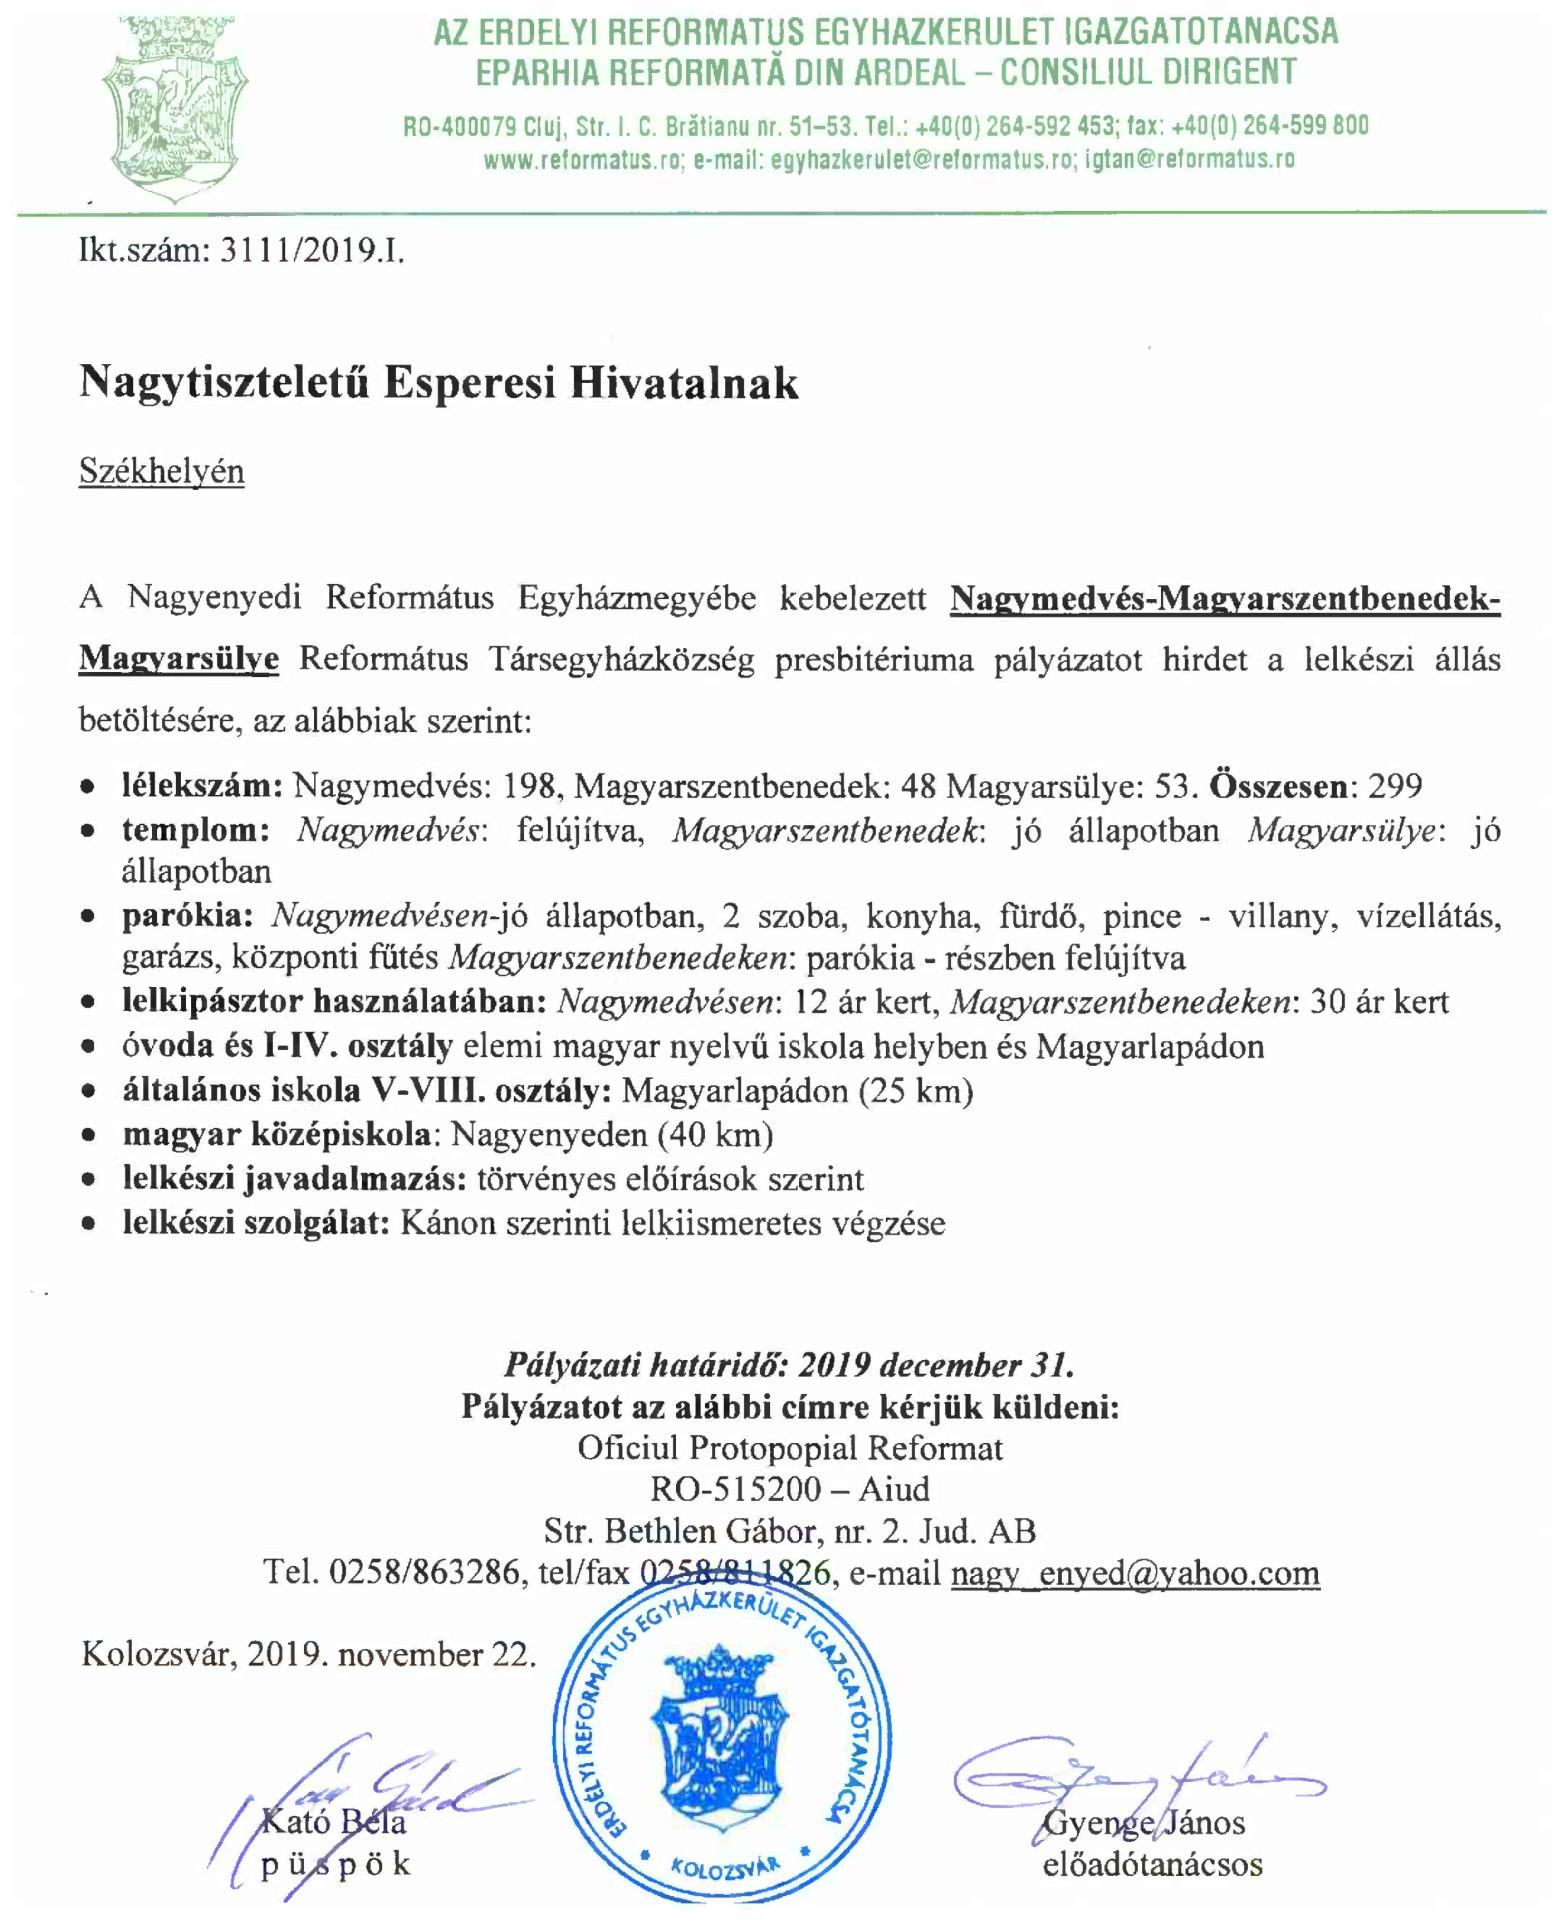 Pályázat - Nagymedvés-Magyarszentbenedek-Magyarsülye